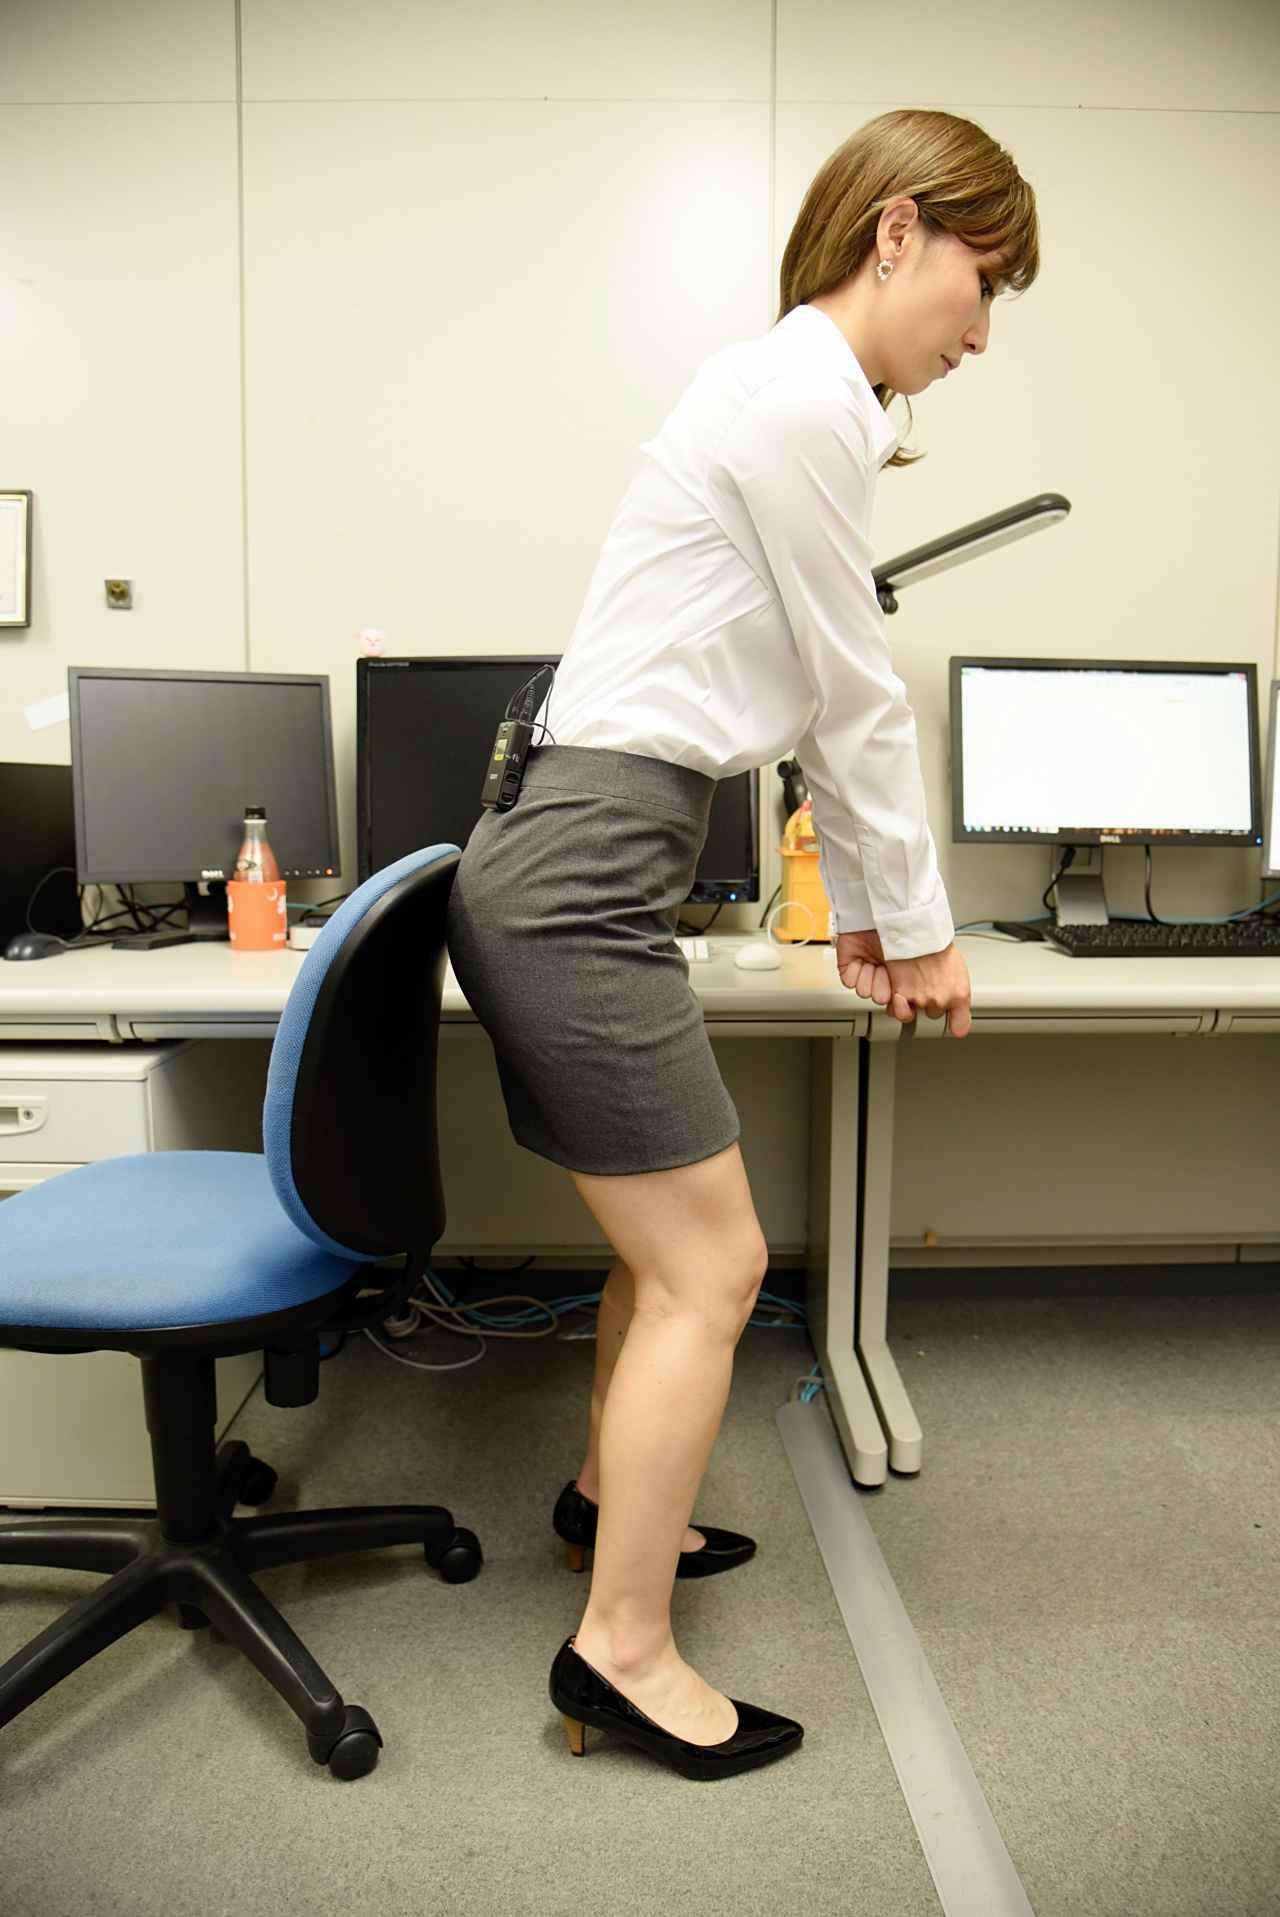 画像4: 美女レッスン@オフィス! 椅子にお尻をつけて、前傾角度をキープしよう